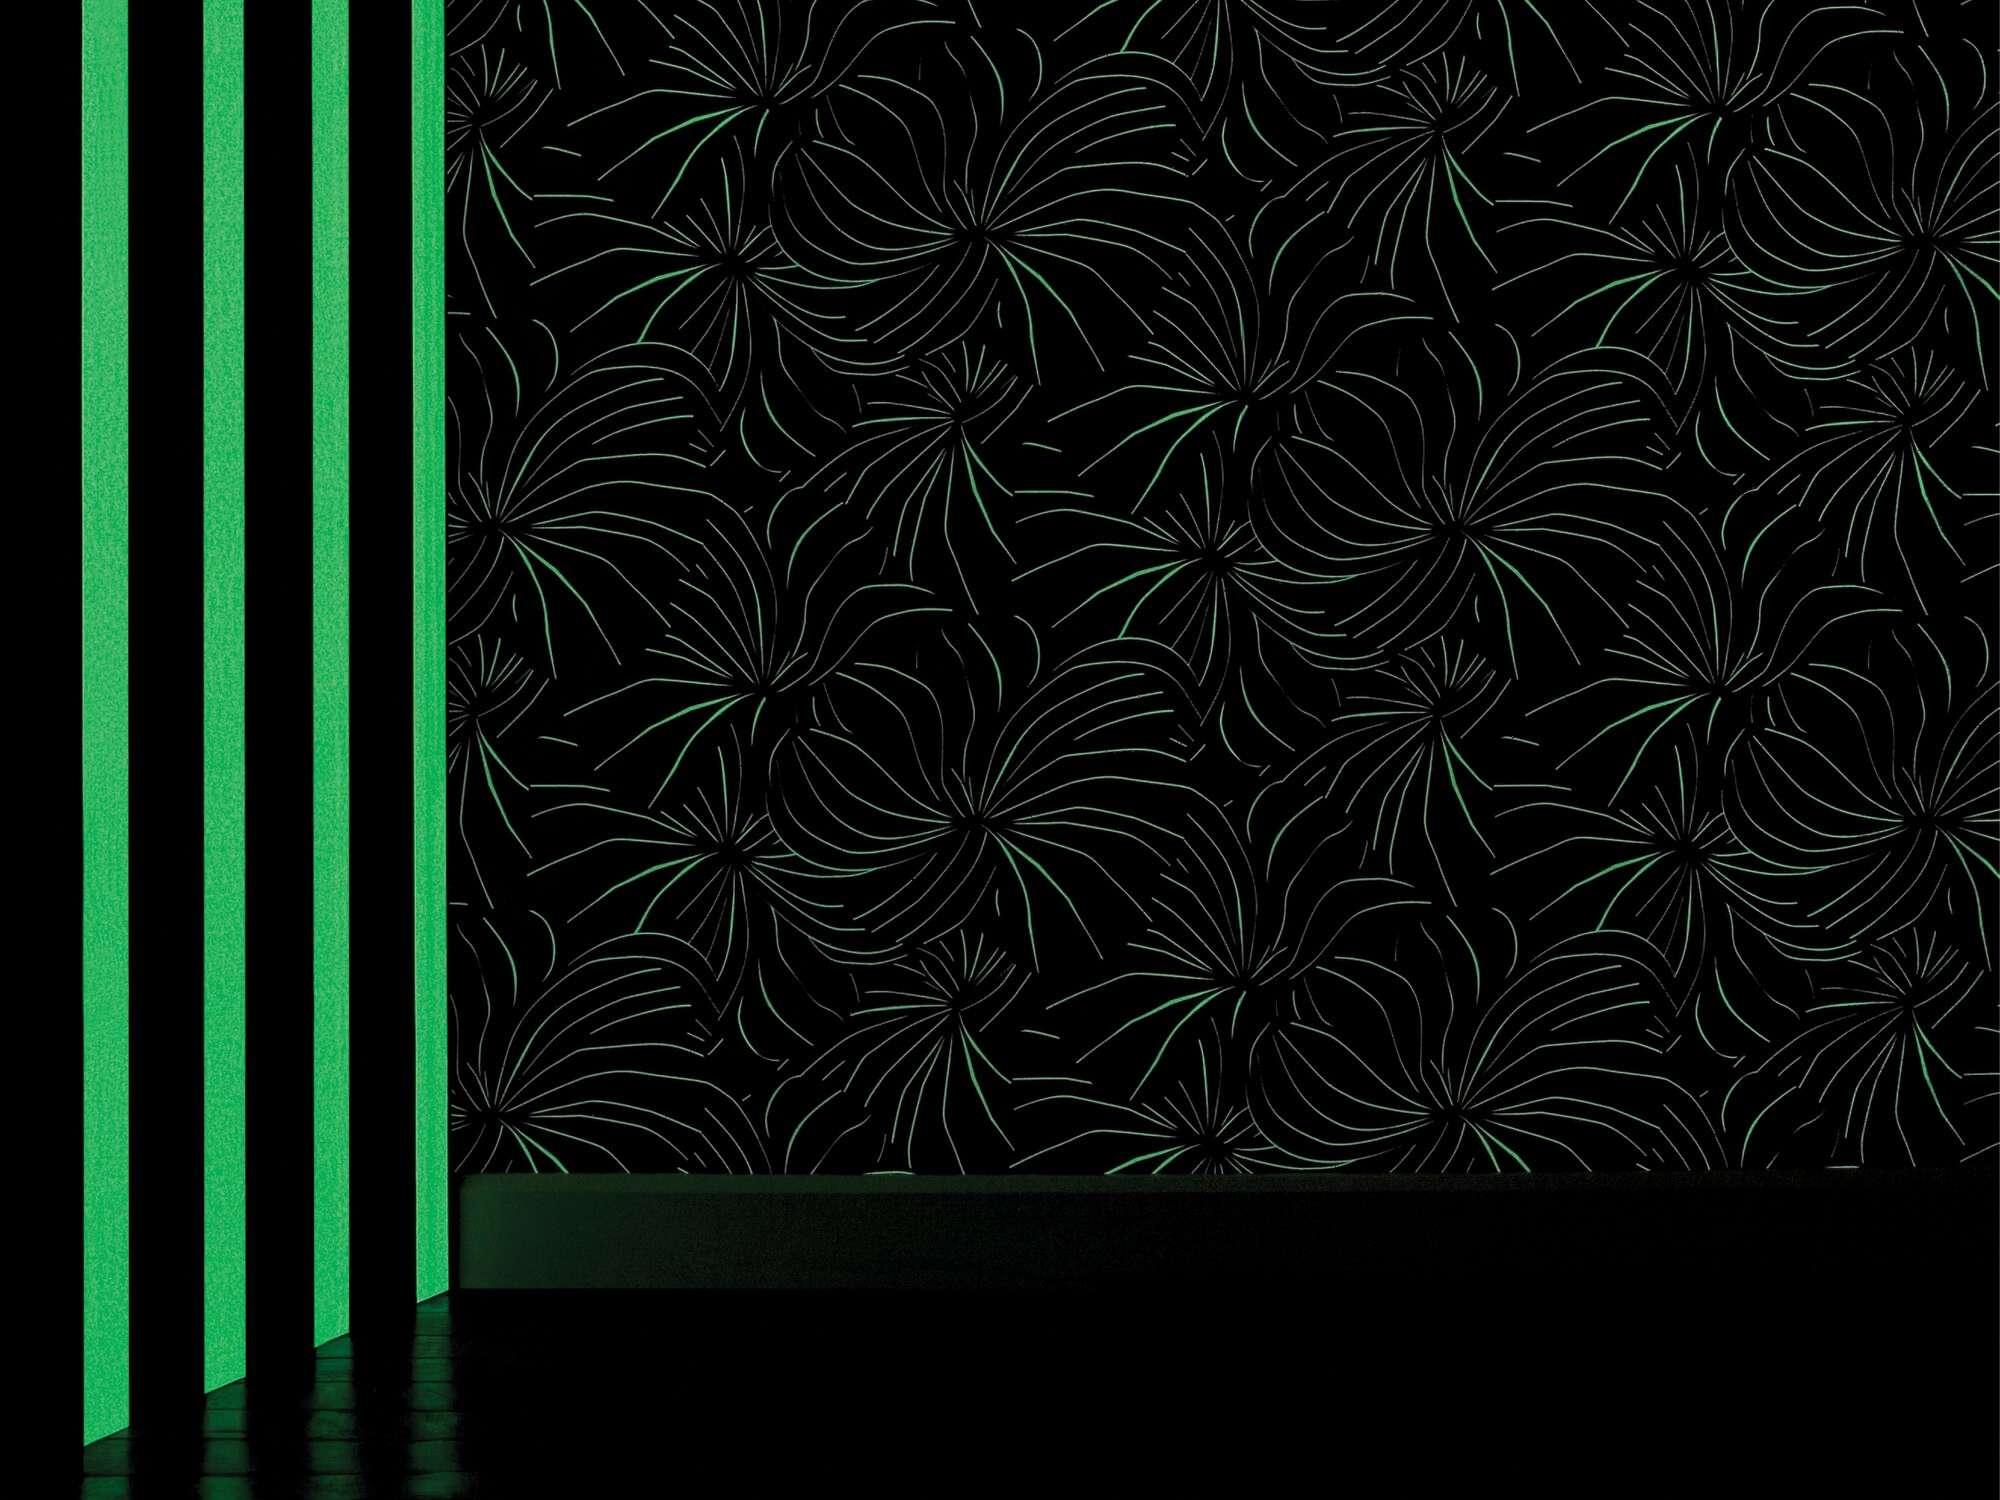 Papier peint Berlingot phosphorescente la nuit, design Ich&Kar